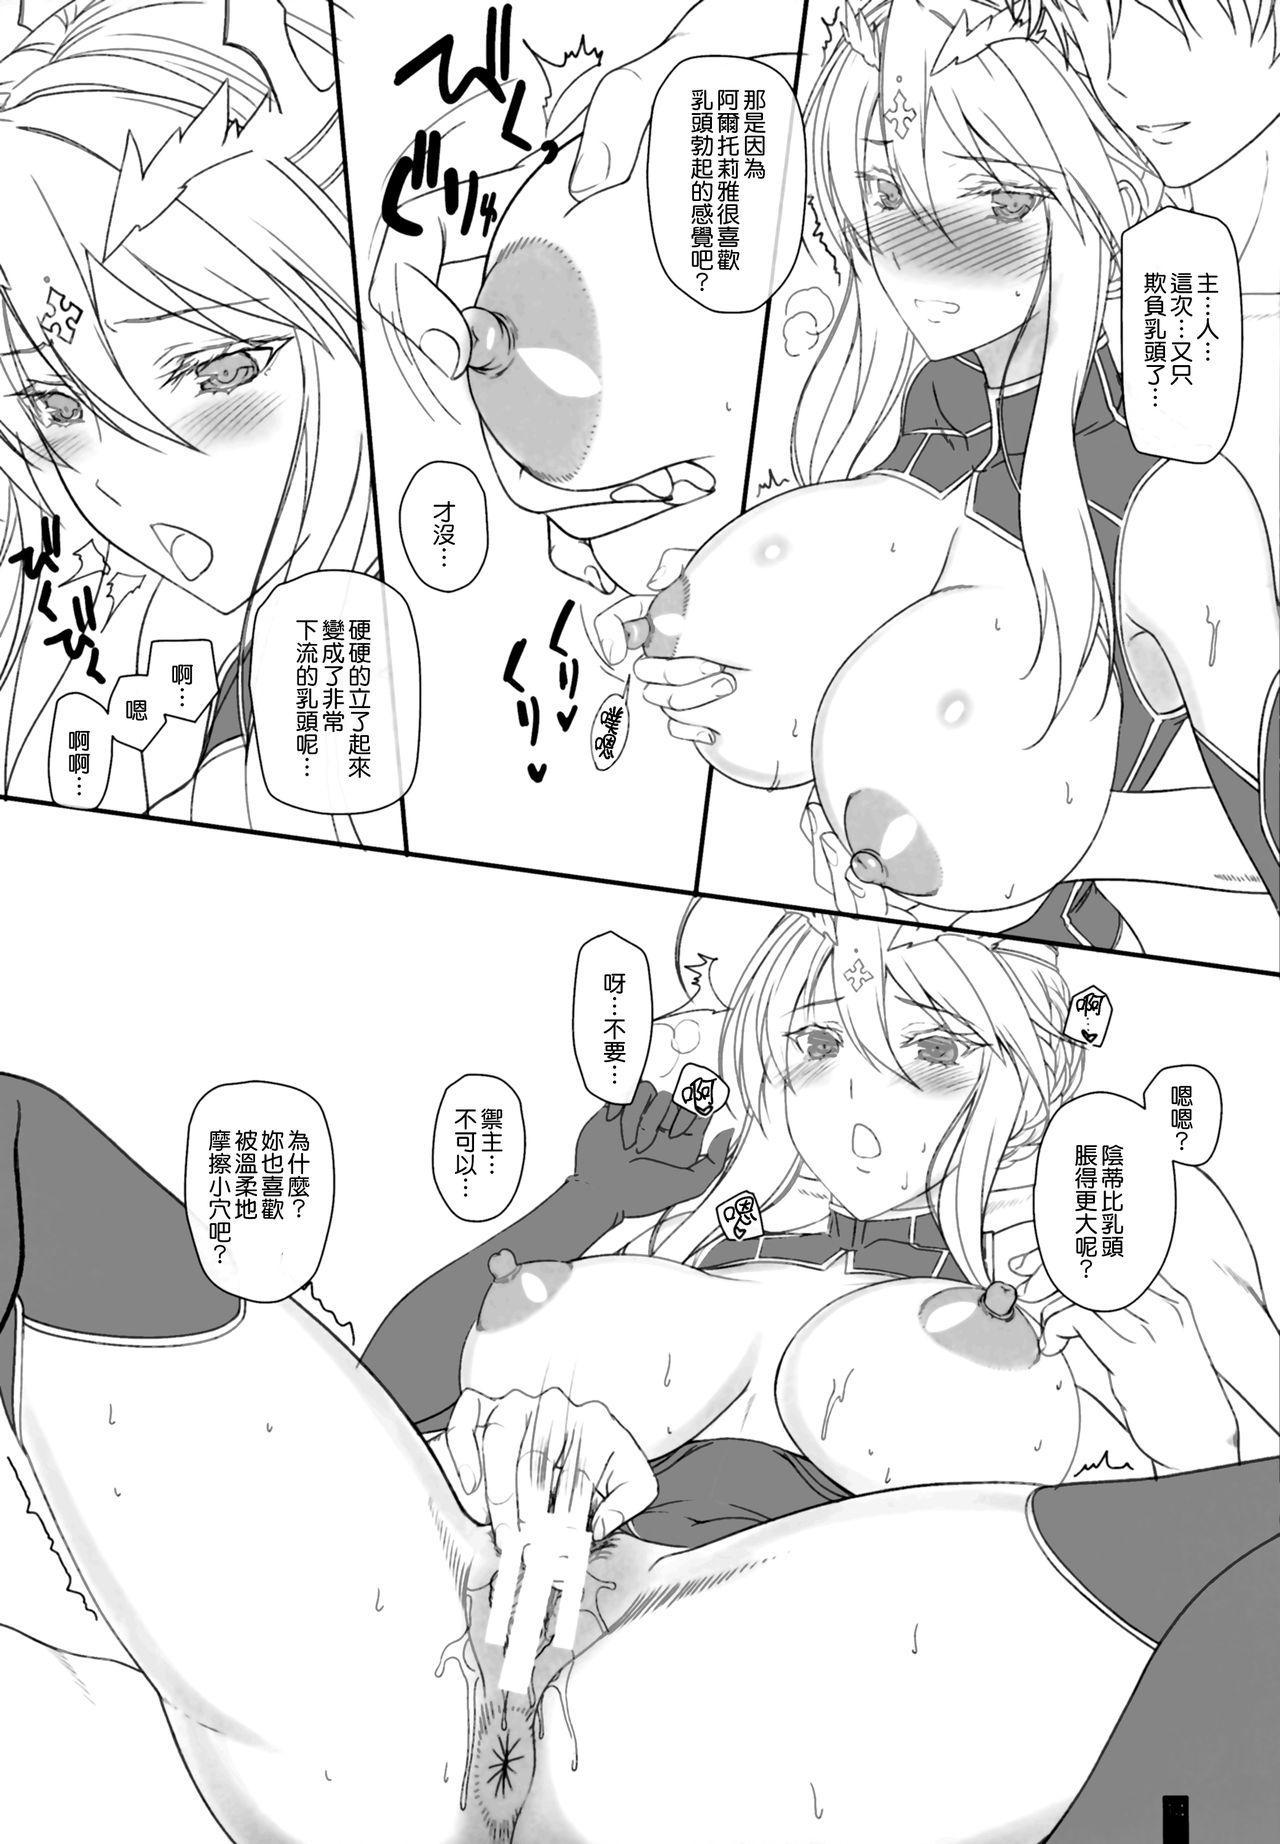 Otsukare na Master o Watashi ga Iyashite Agetai. 13